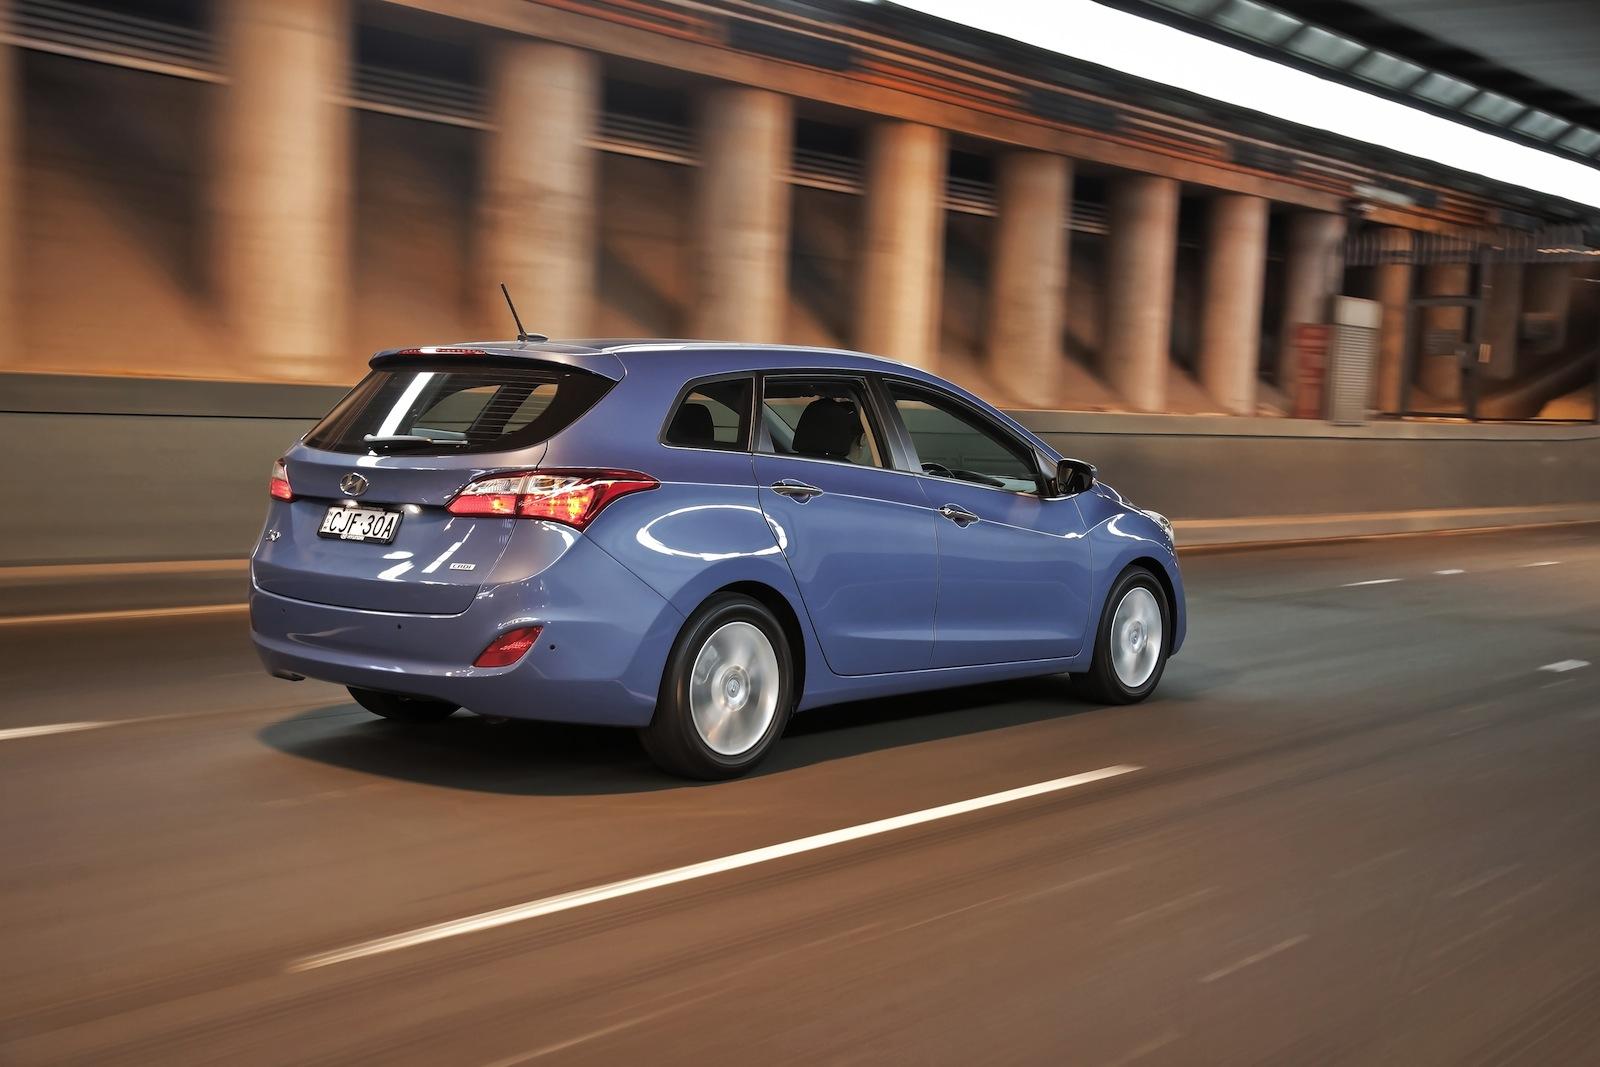 2006 Honda Civic Lx >> Hyundai i30 Tourer Review | CarAdvice